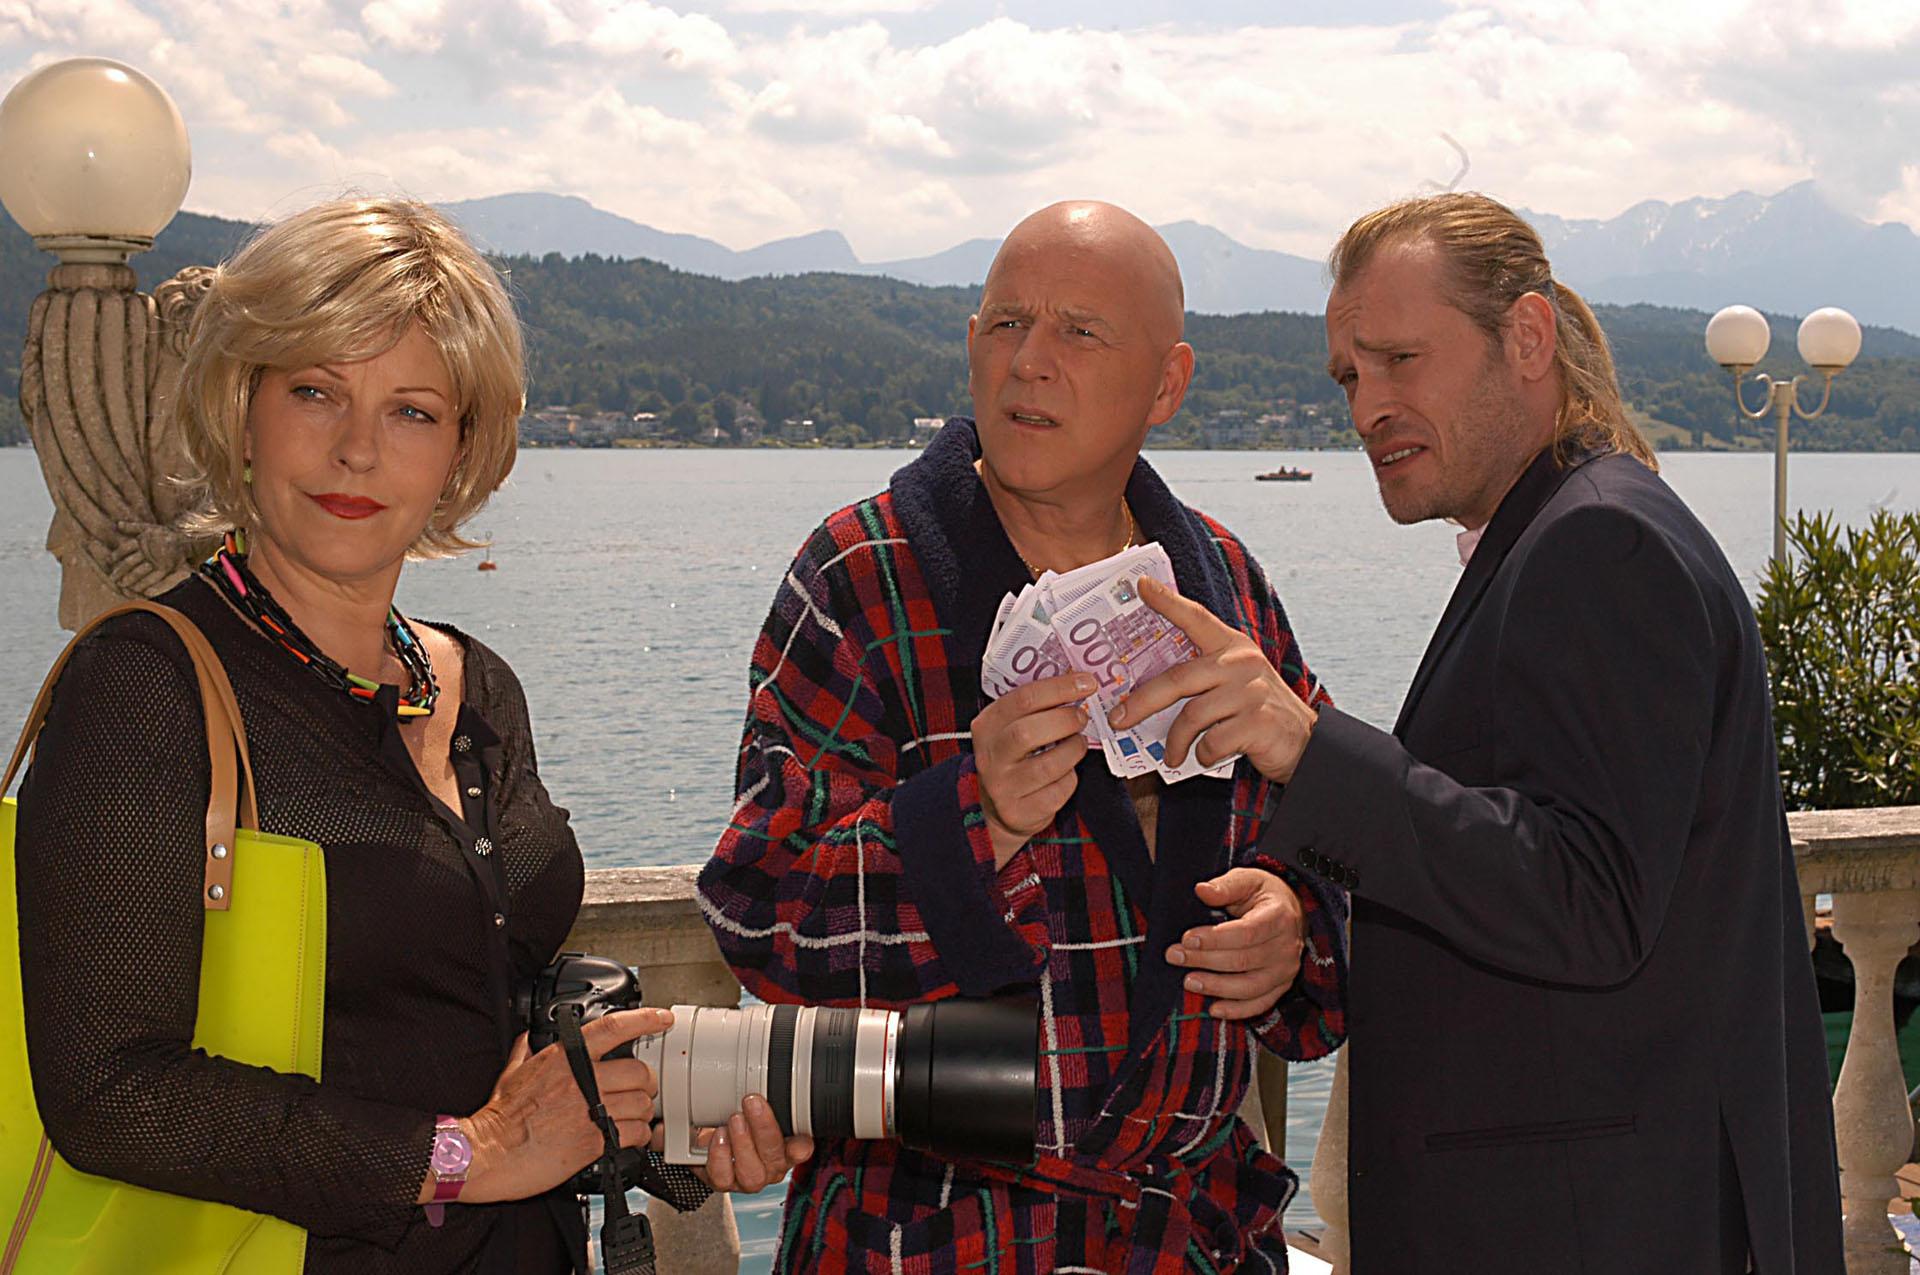 © ORF / Hubert Mican (Star*Film) - Elfi Eschke, Alexander Goebel, Johannes Krisch